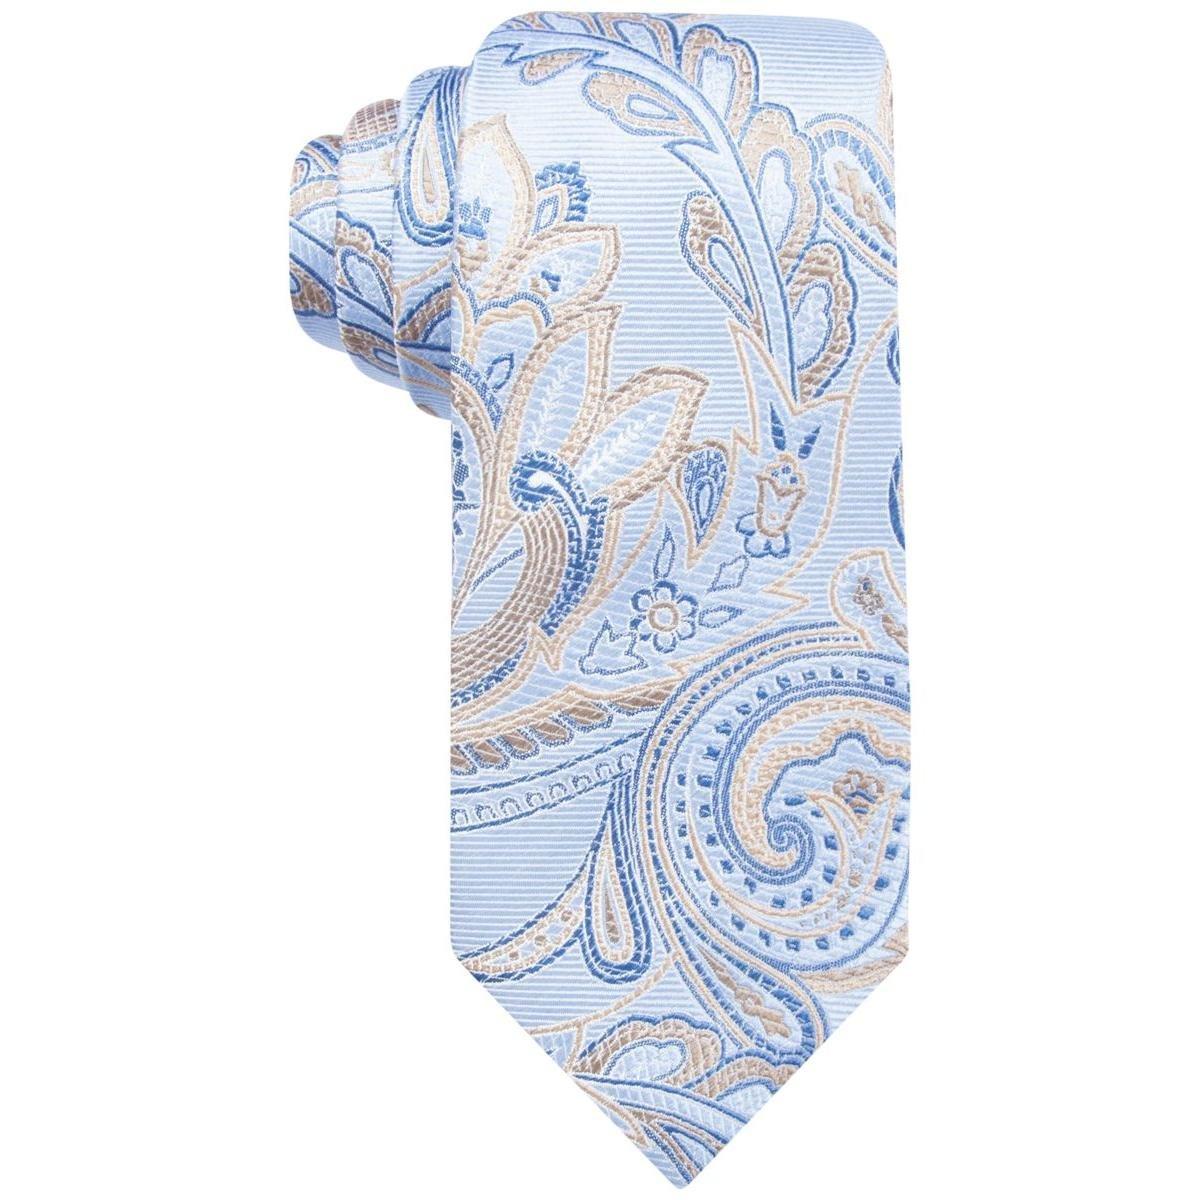 Tasso Elba Mens Genoa Paisley Neck Tie Blue